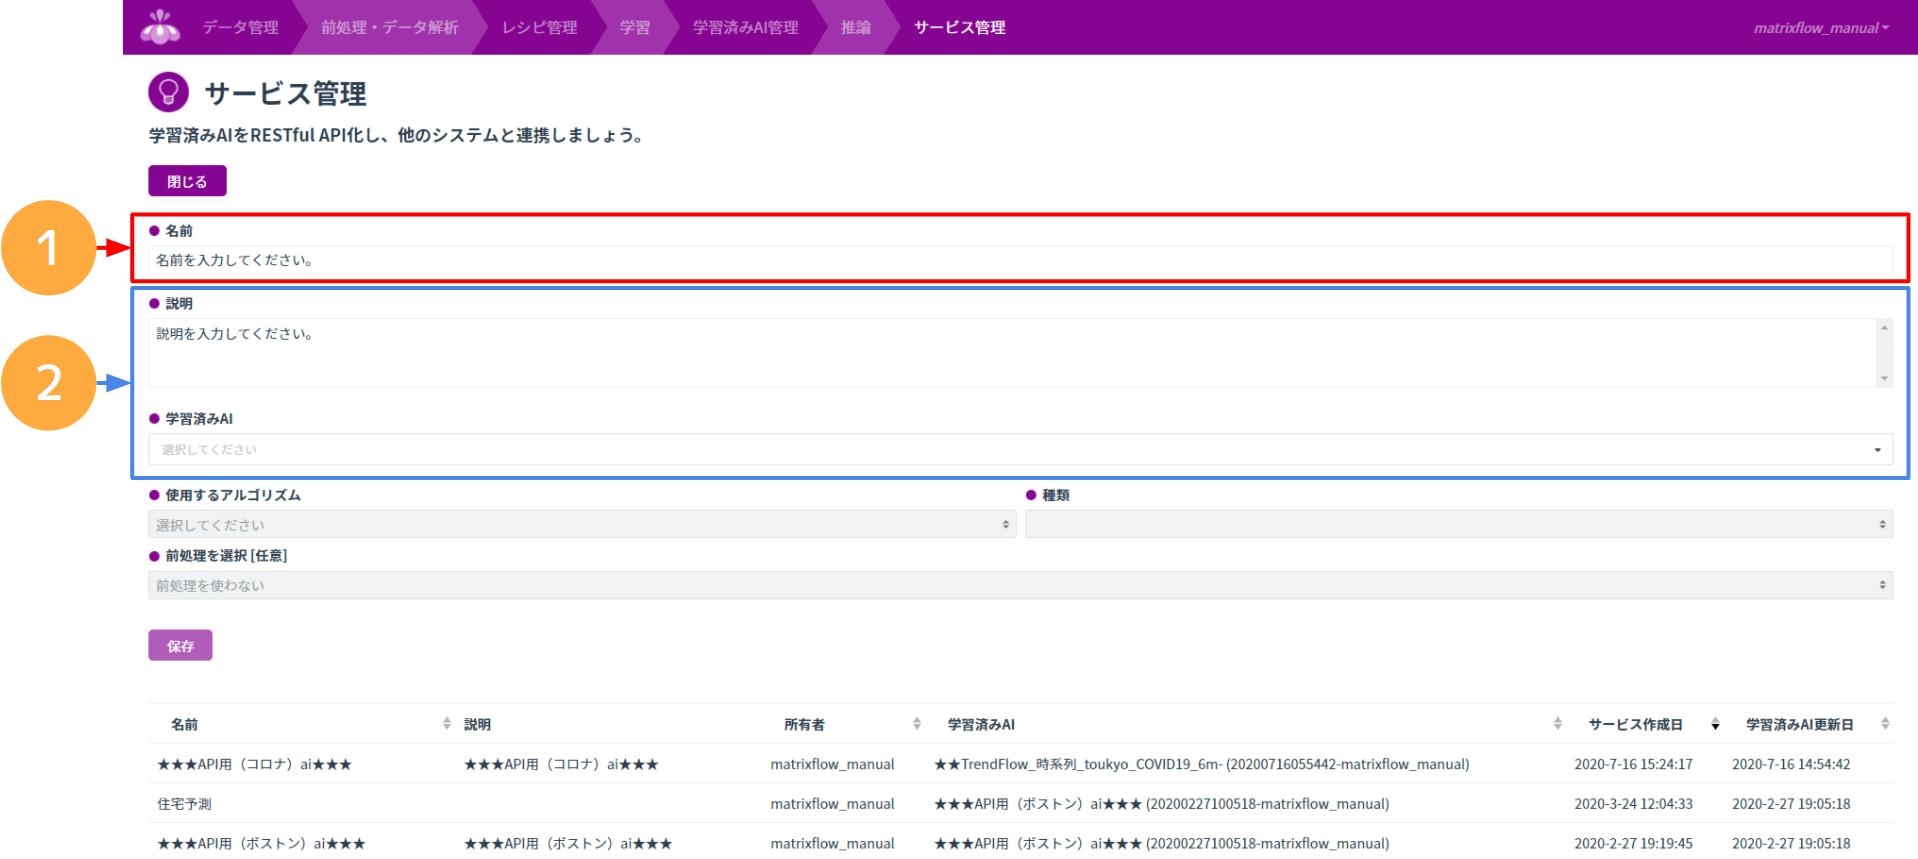 学習済みAI(API化)の新規追加1.png